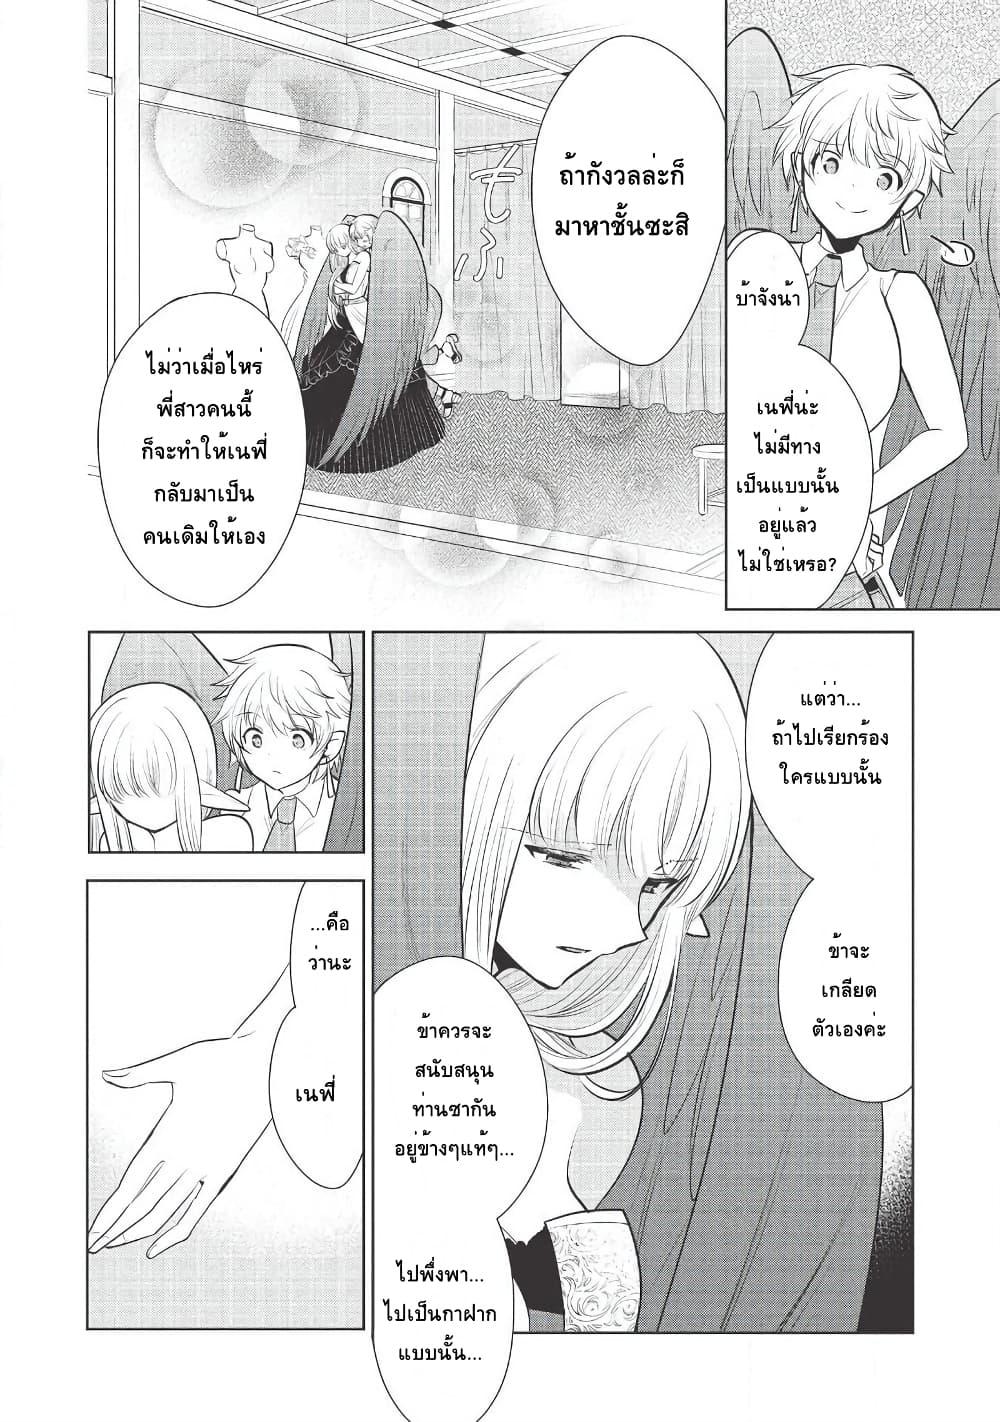 อ่านการ์ตูน Maou no Ore ga Dorei Elf wo Yome ni Shitanda ga Dou Medereba Ii ตอนที่ 27 หน้าที่ 6